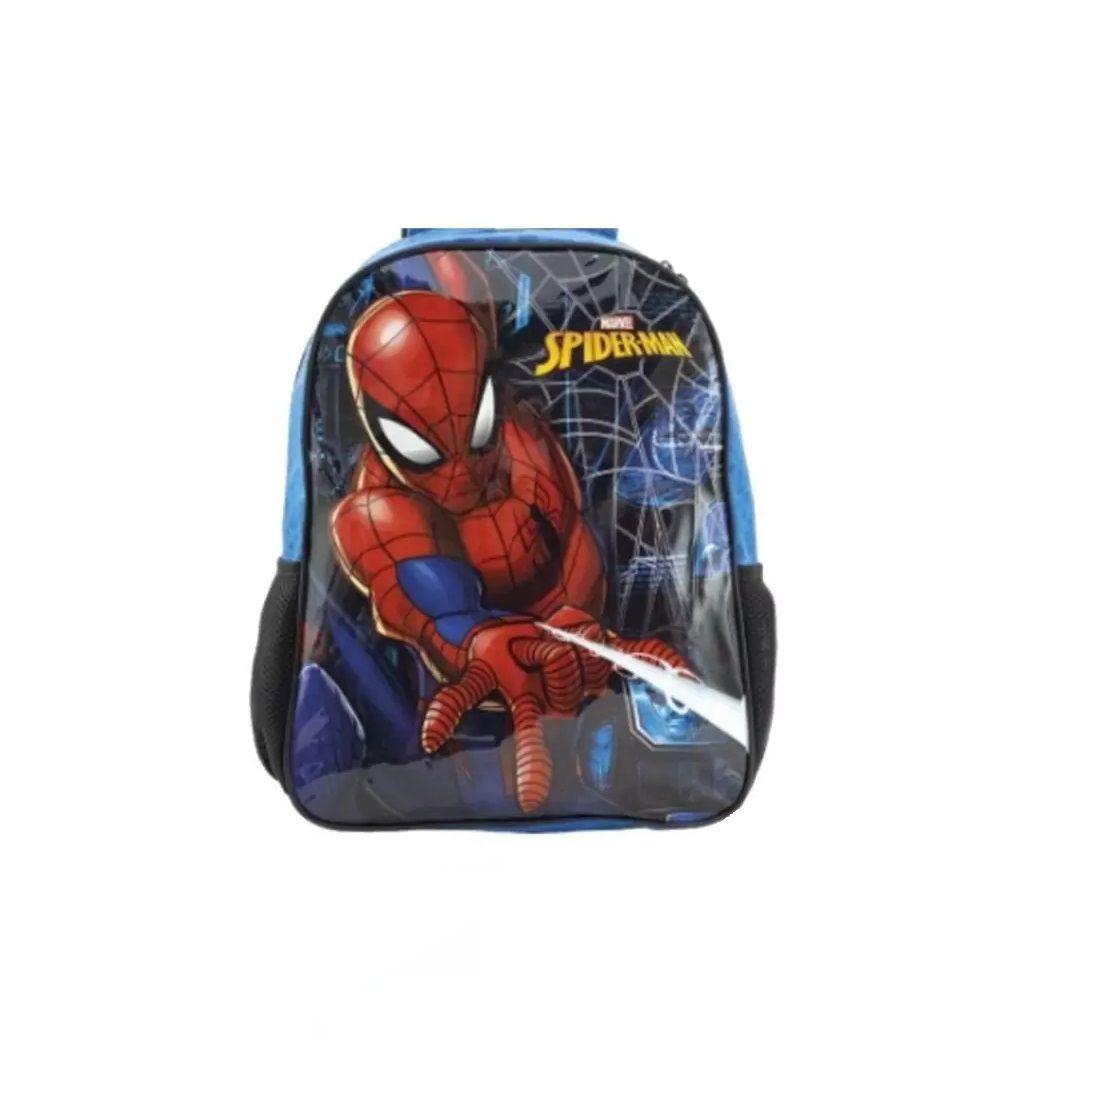 Mochila Escolhar Homem Aranha Spider Man